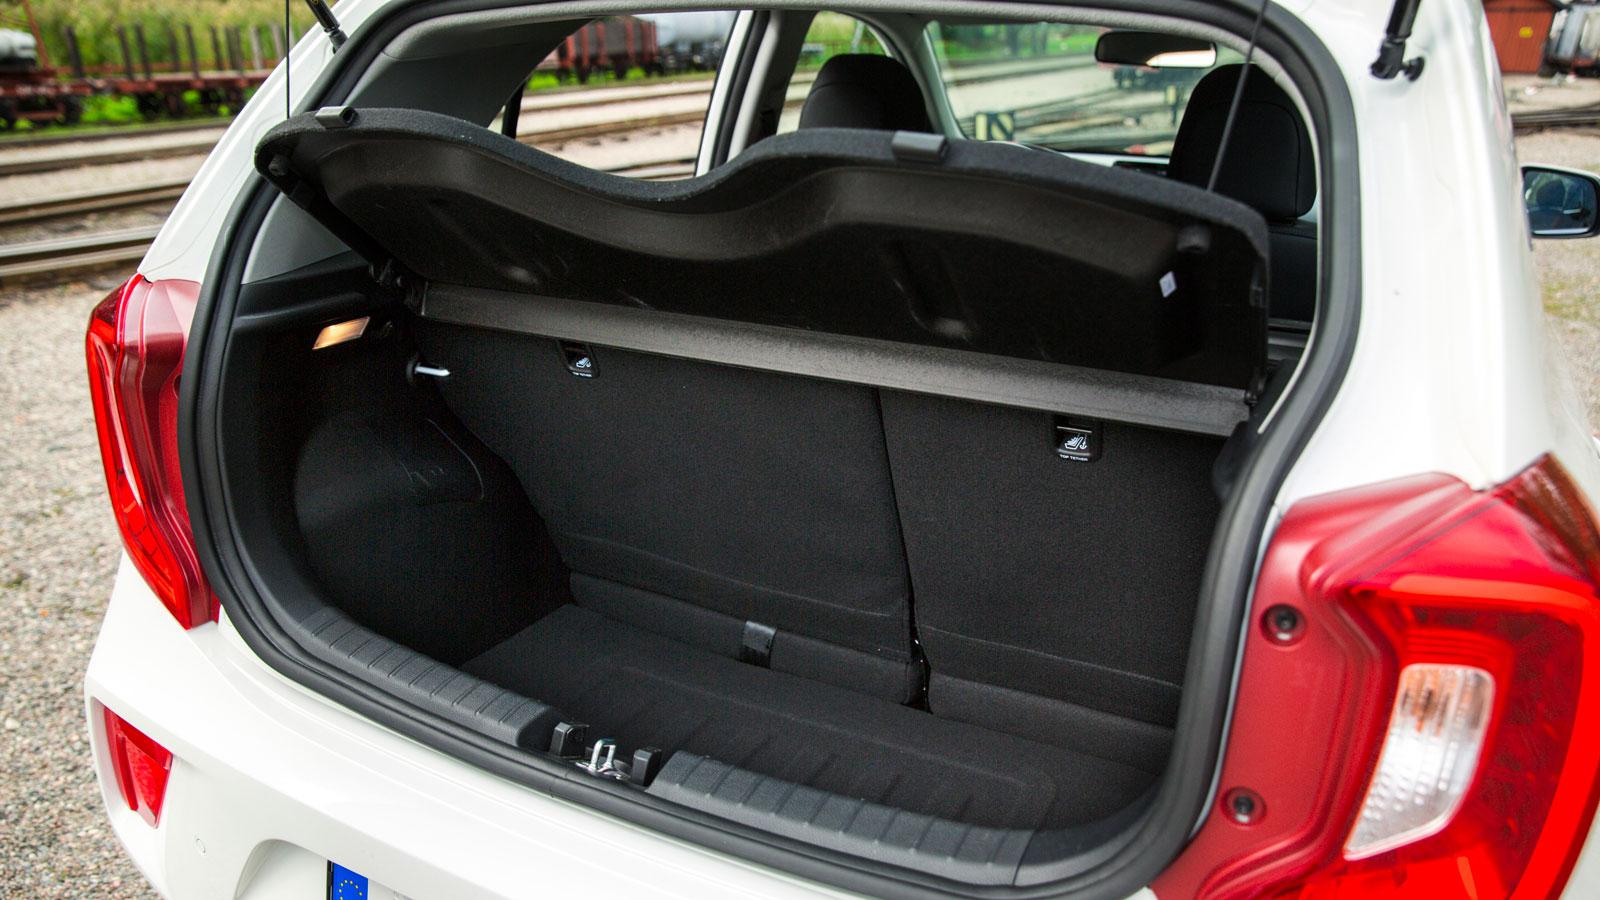 Toyota har testets minsta bagagekapacitet, men högsta lasttröskel. Baksätets ryggstöd är plåtklädda på baksidan och kan fällas i förhållandet 50/50 via stroppar i bagageutrymmet. Fällningen kan därmed inte göras inifrån kupén, vilket kan upplevas som opraktiskt. Två kasskrokar finns, men ingen lampa.